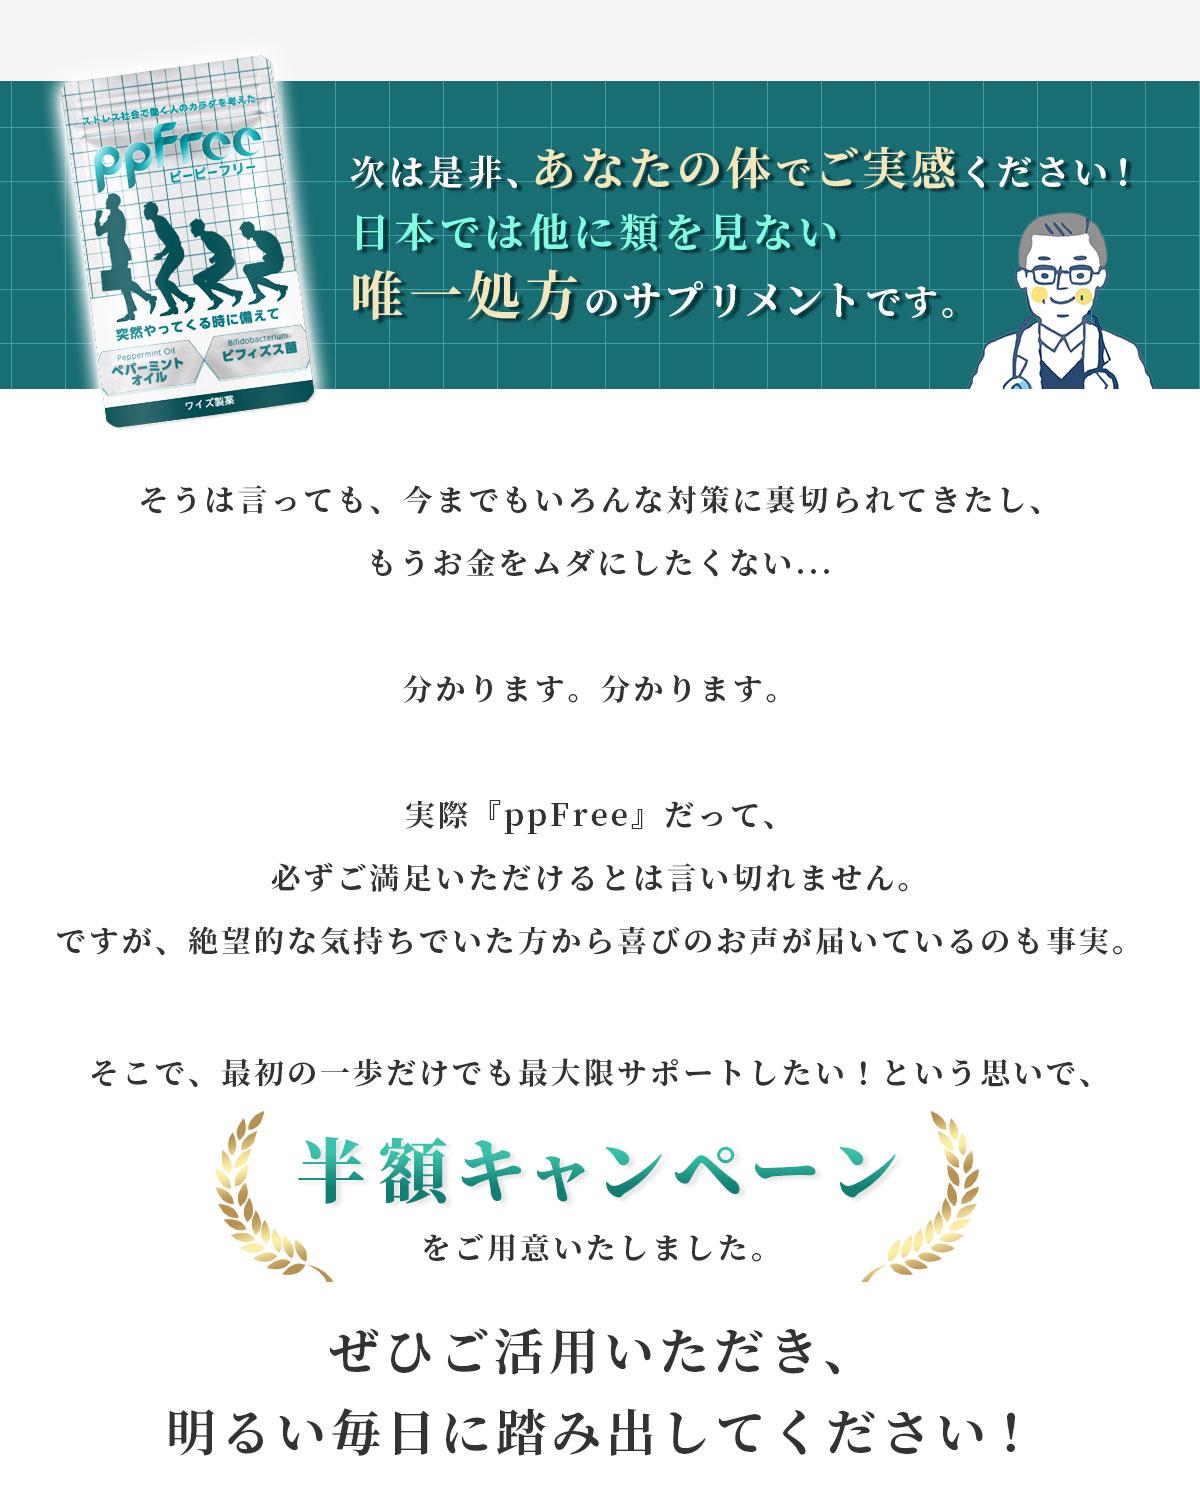 日本では他に類を見ない唯一処方のサプリメントです。最初の一歩だけでも最大限にサポートしたい!という思いで「半額キャンペーン」をご用意いたしました。